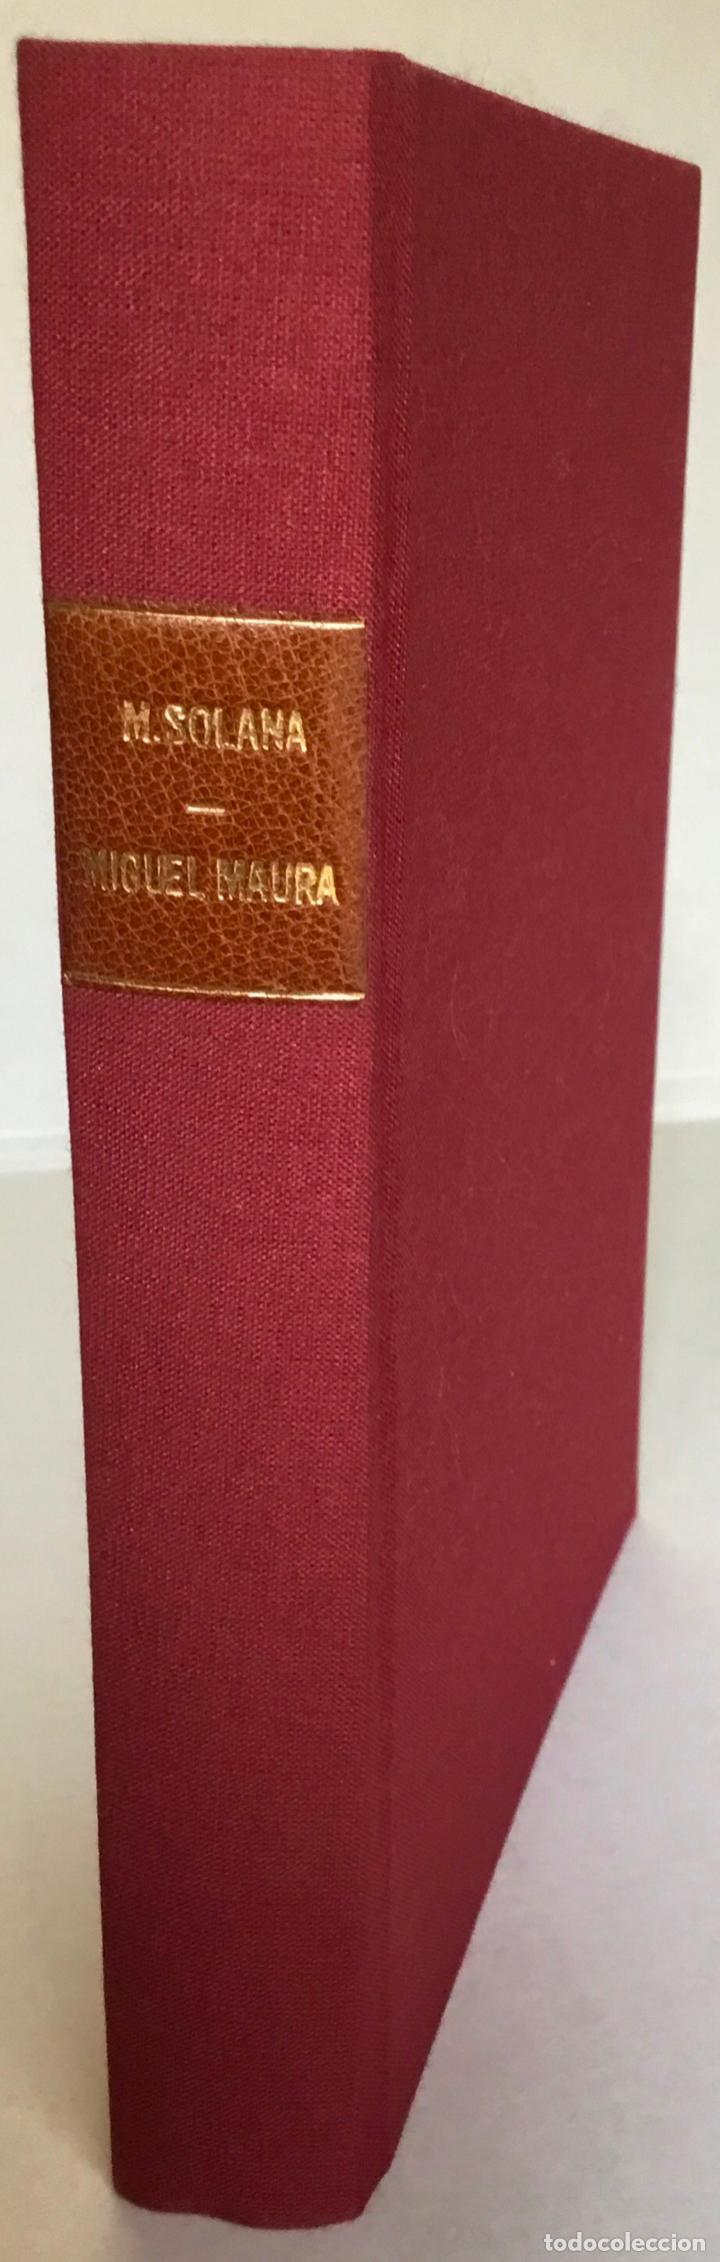 Libros antiguos: MIGUEL MAURA Y LA DISOLUCIÓN DE LAS ÓRDENES RELIGIOSAS EN LA CONSTITUCIÓN ESPAÑOLA. - SOLANA Y GUTIÉ - Foto 2 - 123249215